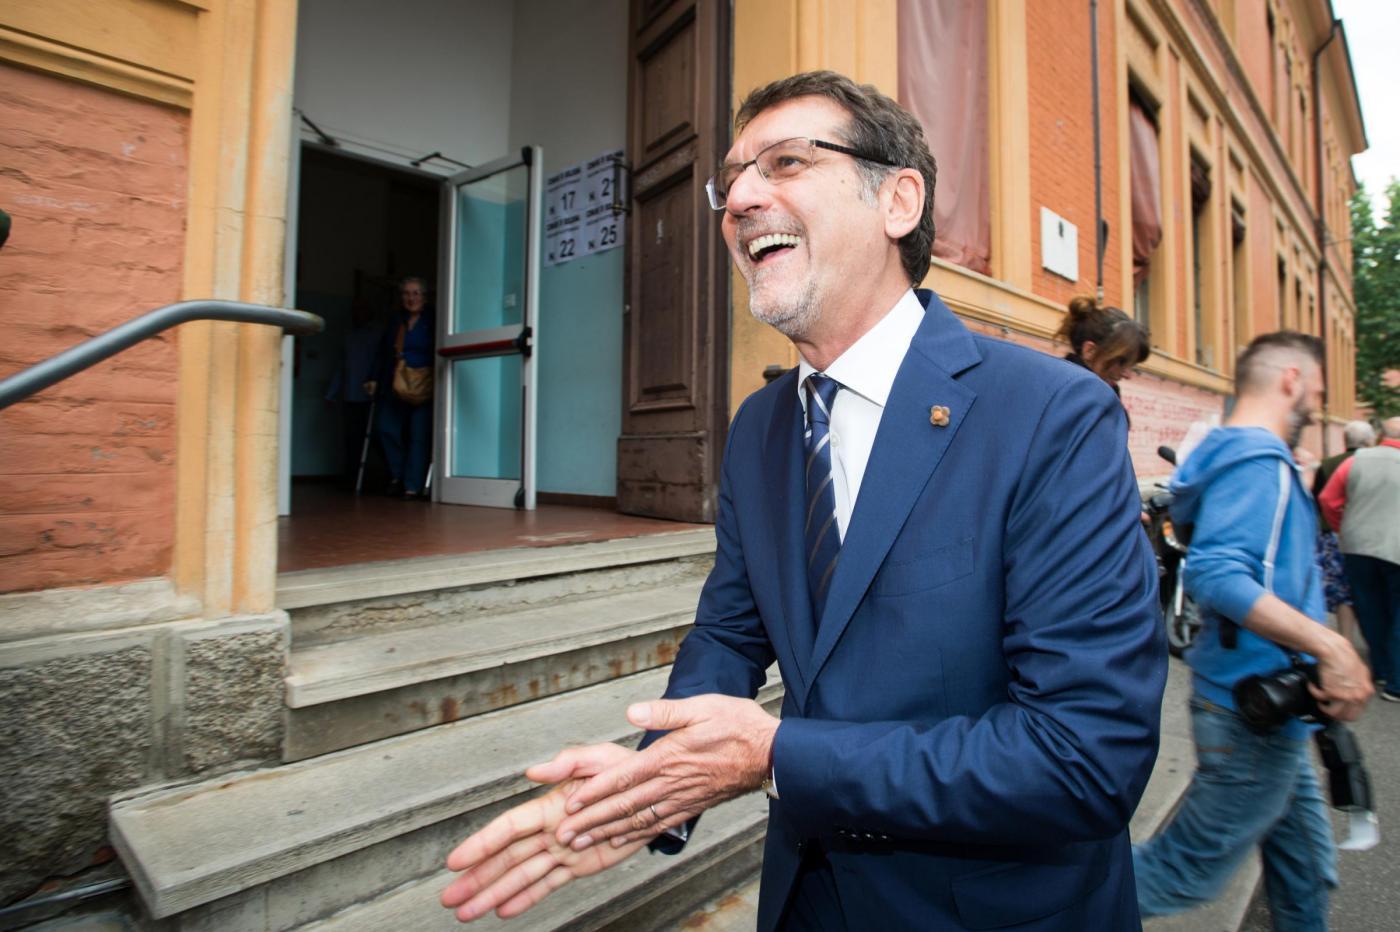 Ballottaggio Bologna 2016: Virginio Merola è il nuovo sindaco del Partito Democratico